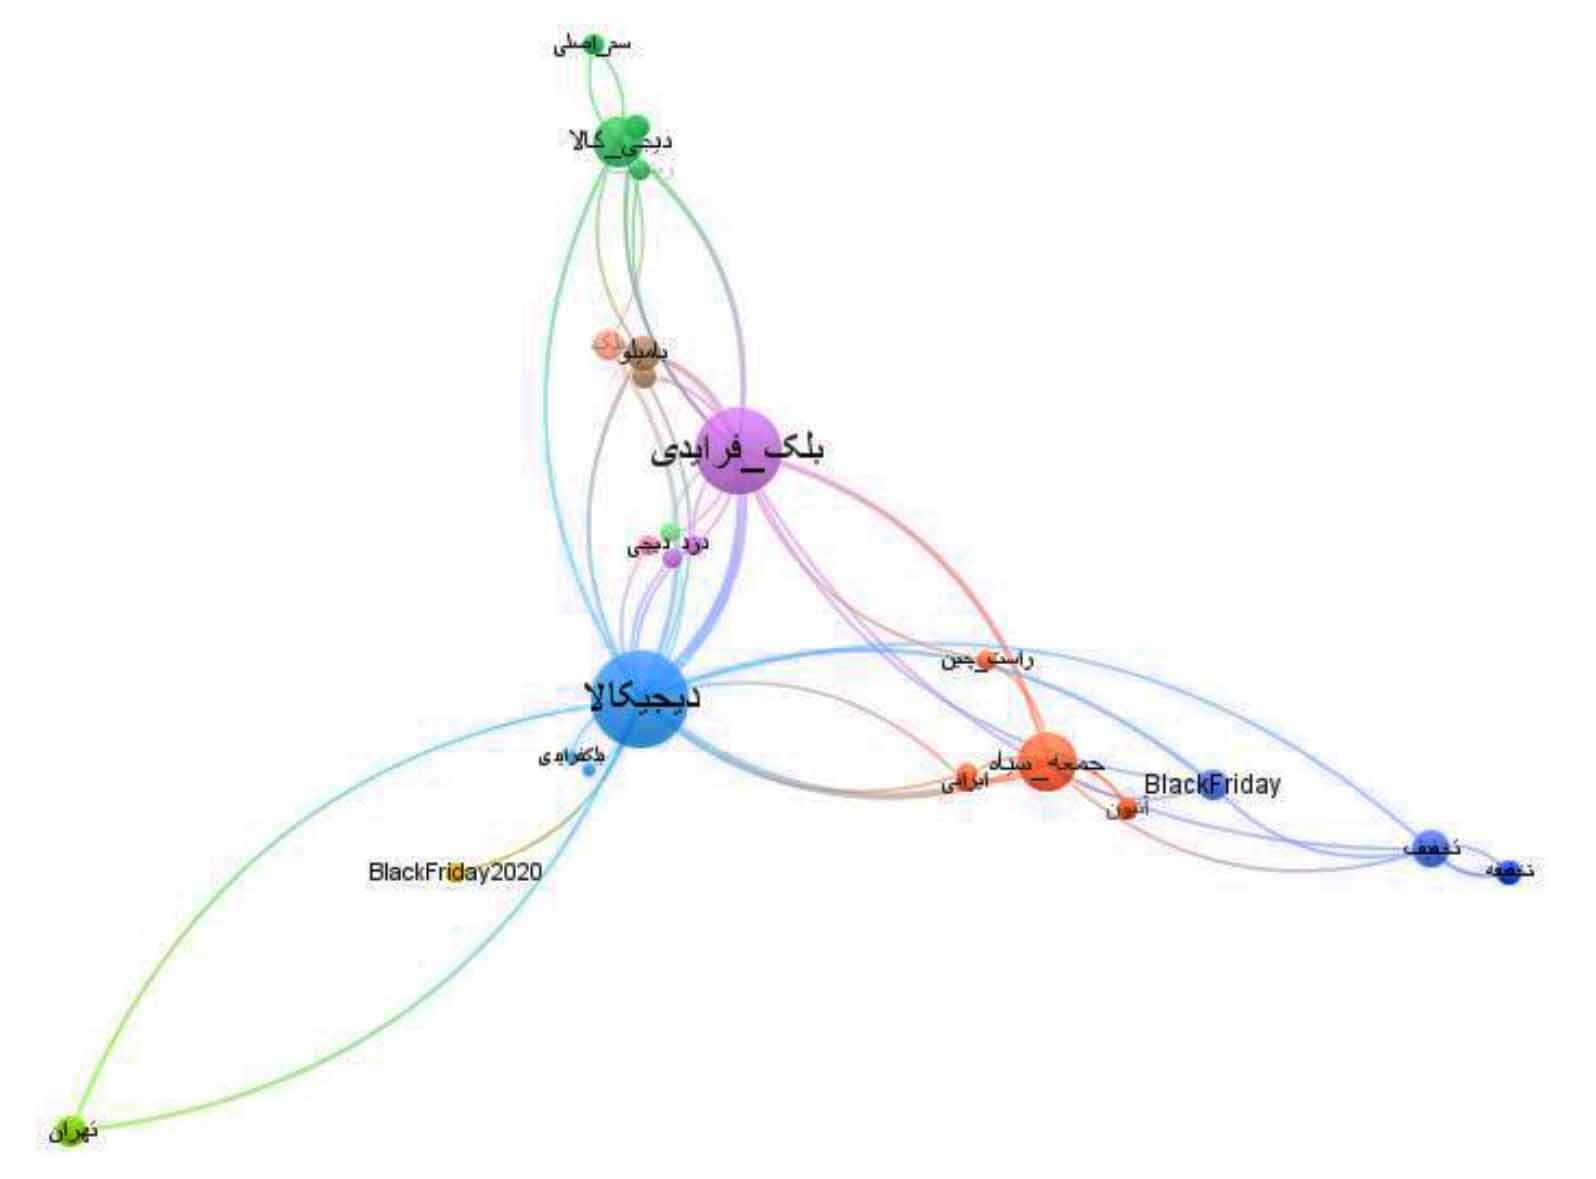 همرخدادی هشتگ ها در توییت های منتشر شده پیرامون دیجی کالا